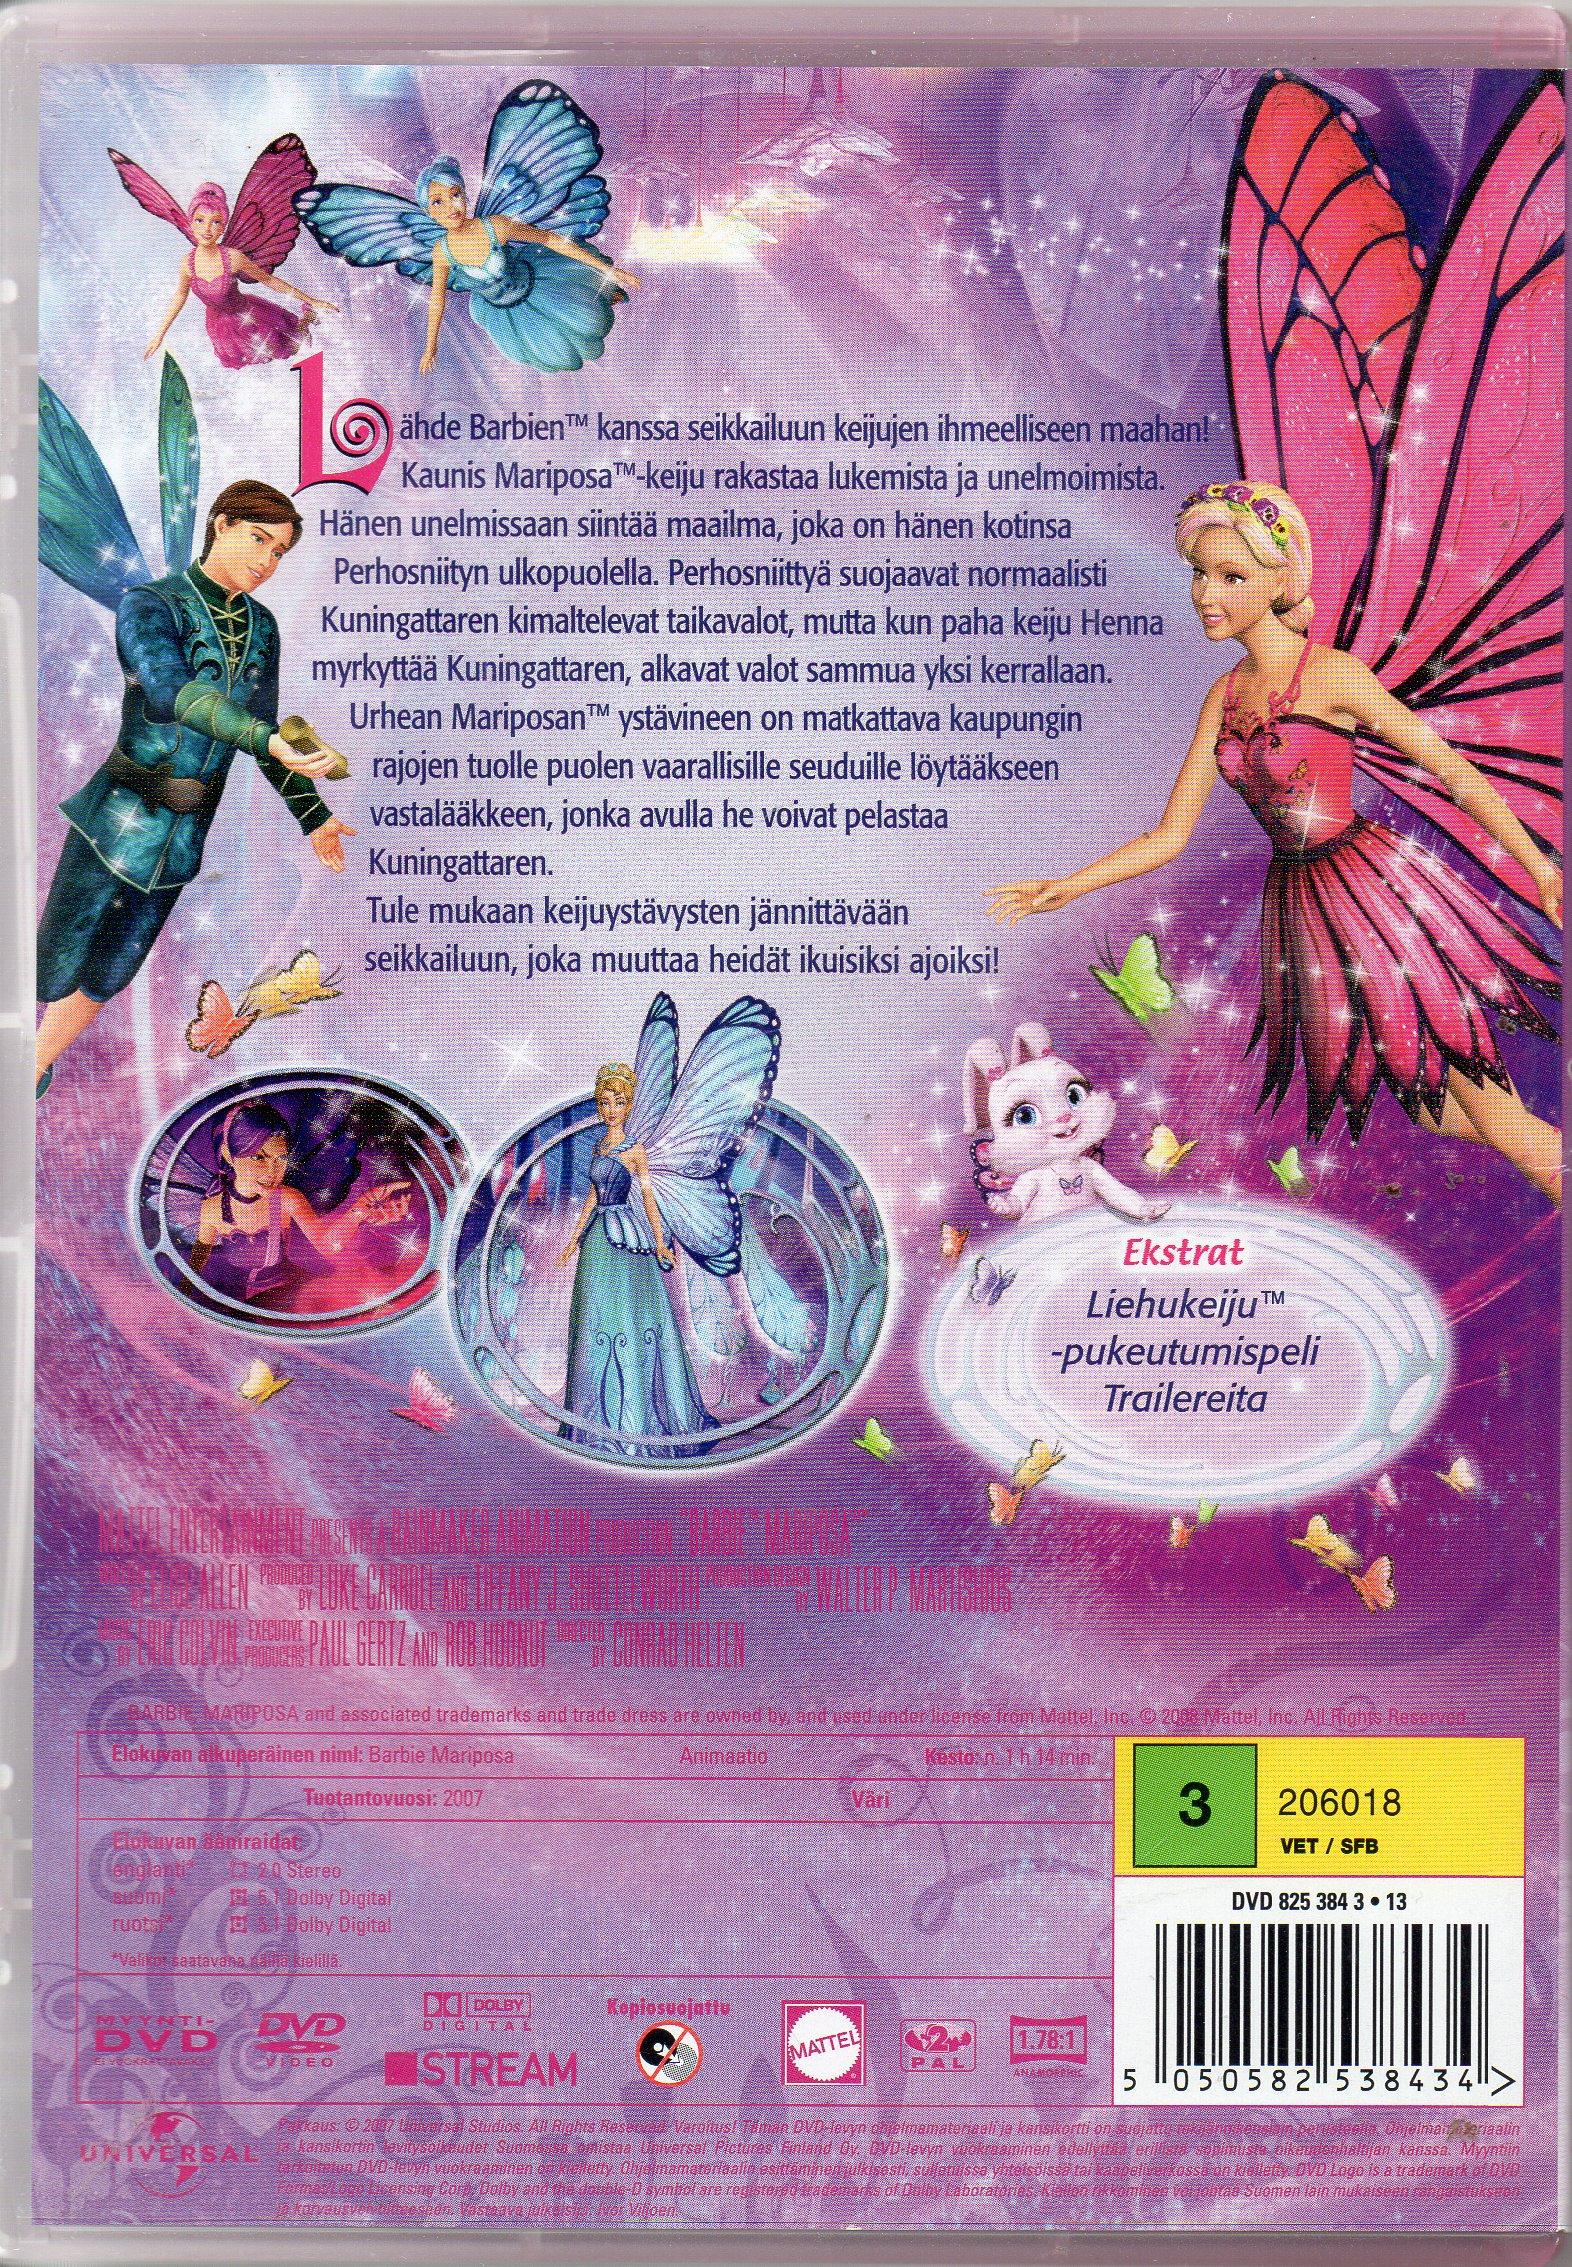 barbie elokuvat netissä ilmaiseksi Viitasaari